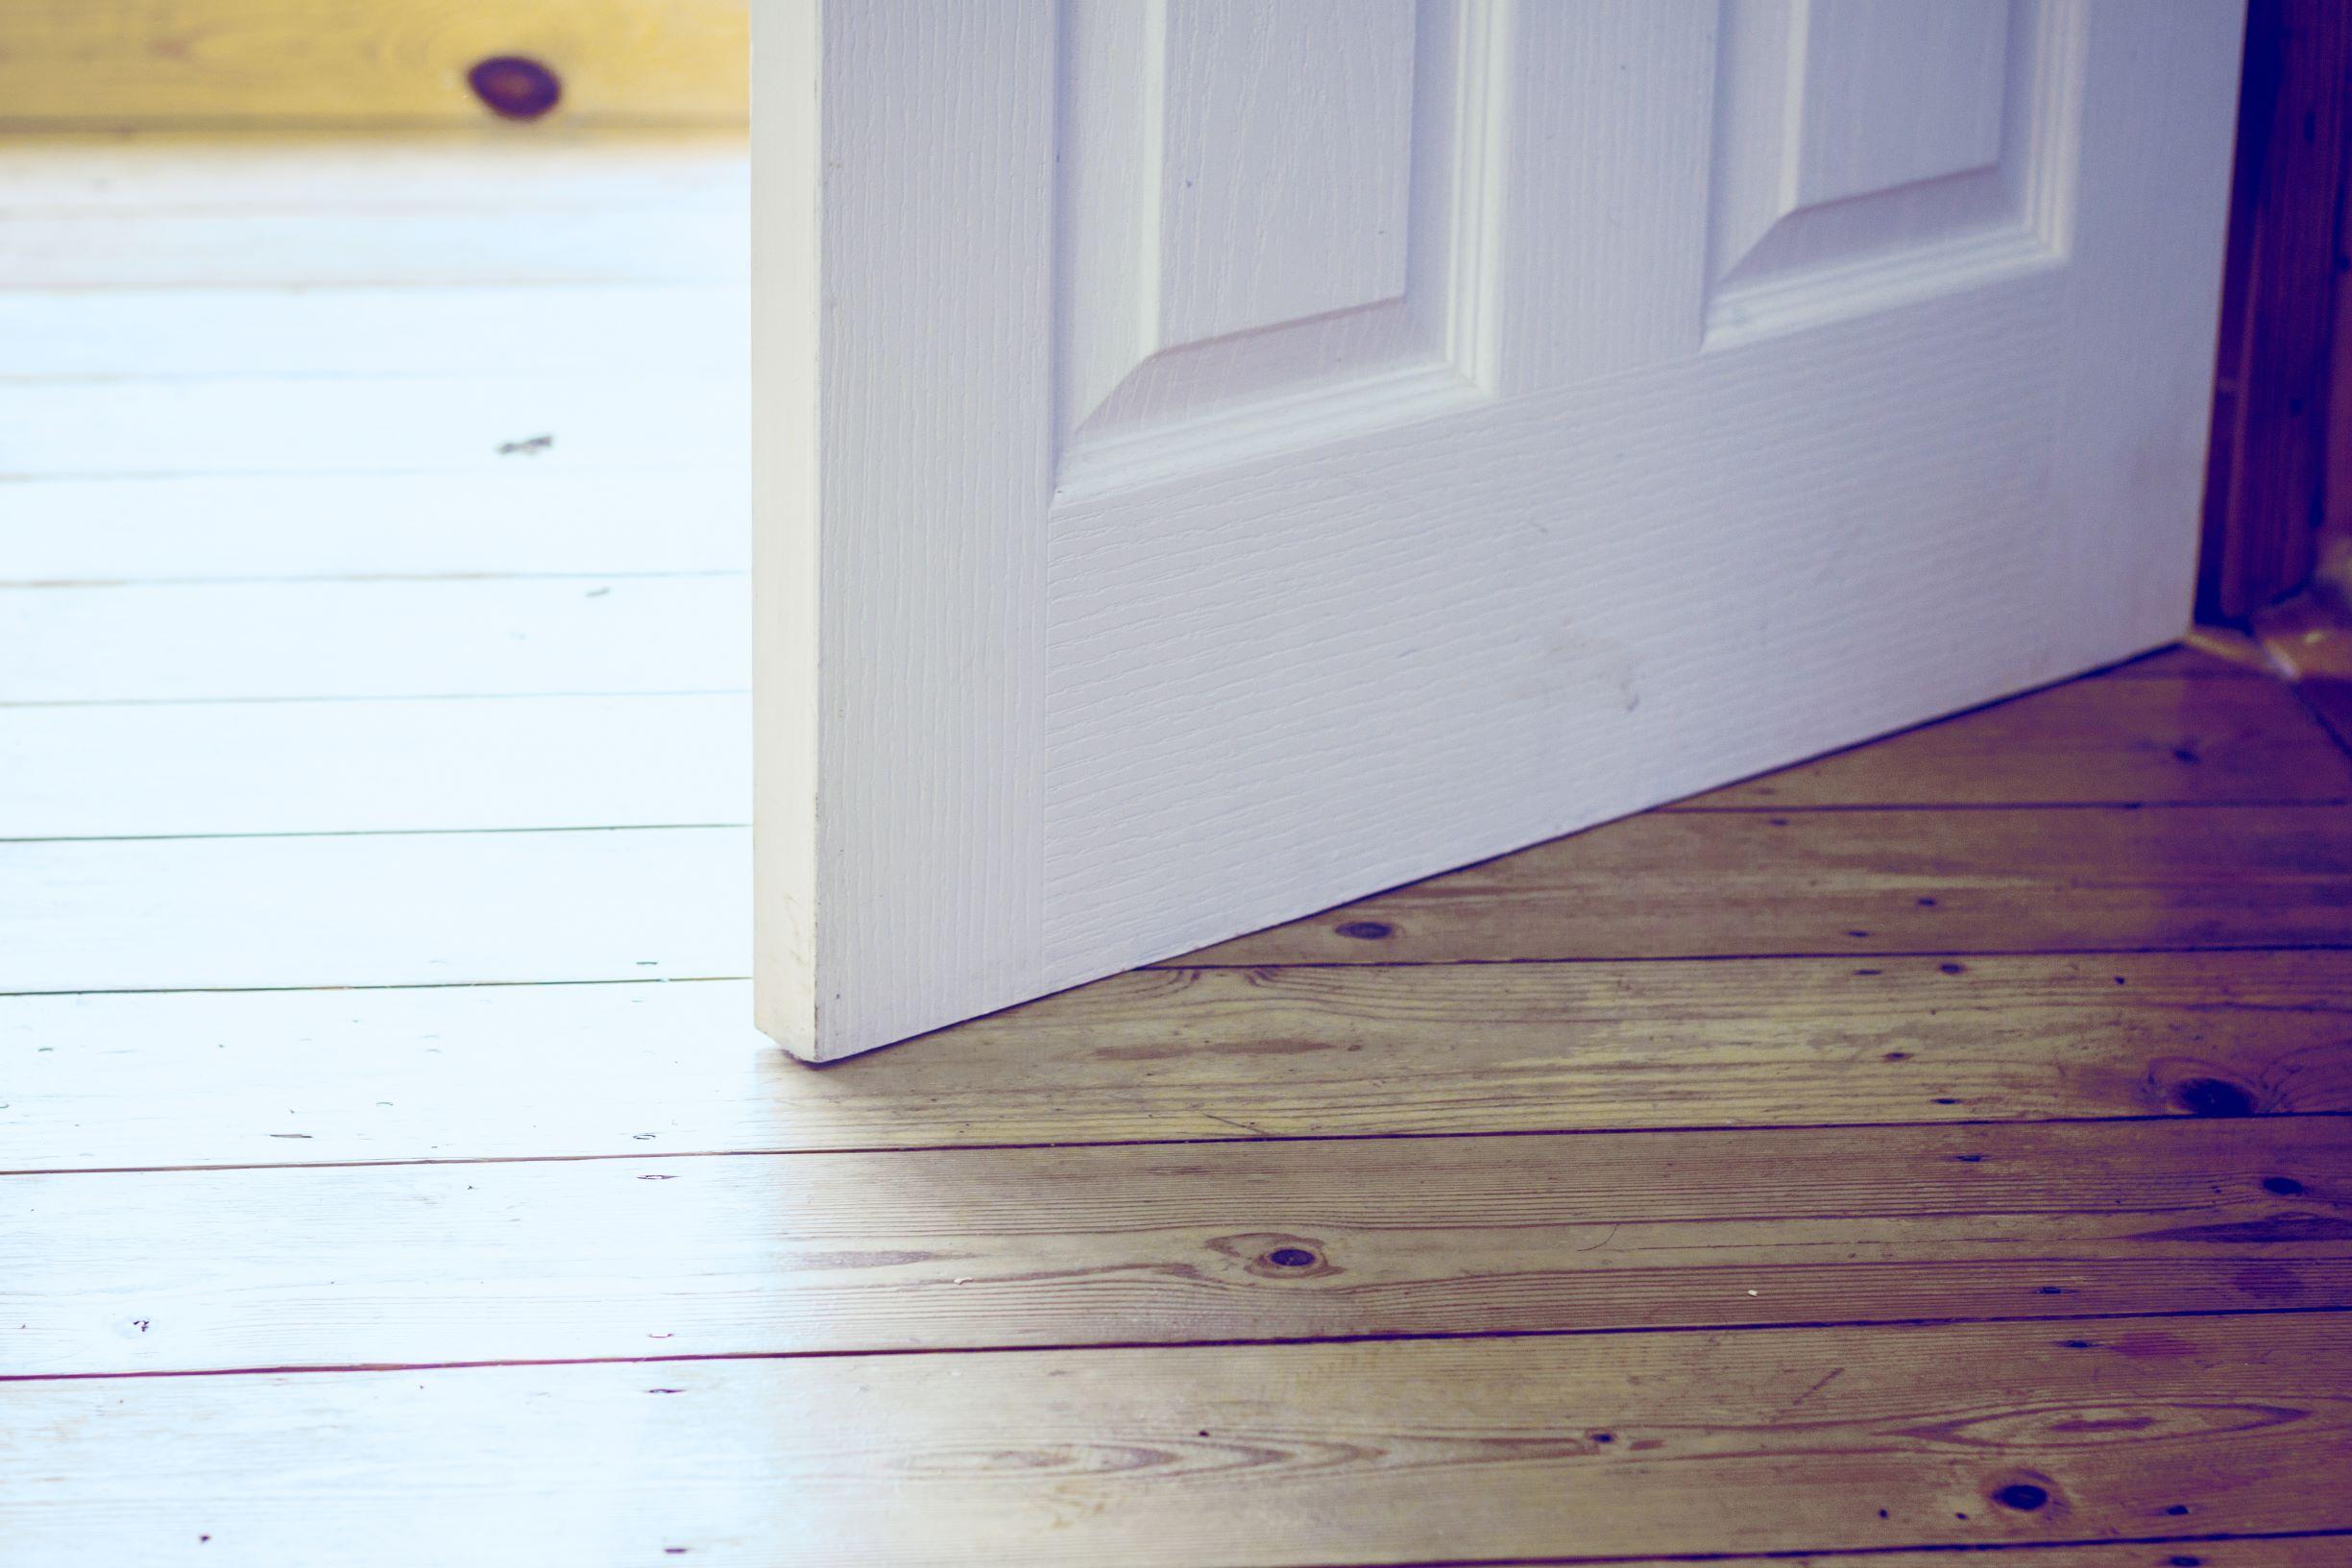 Sticking door